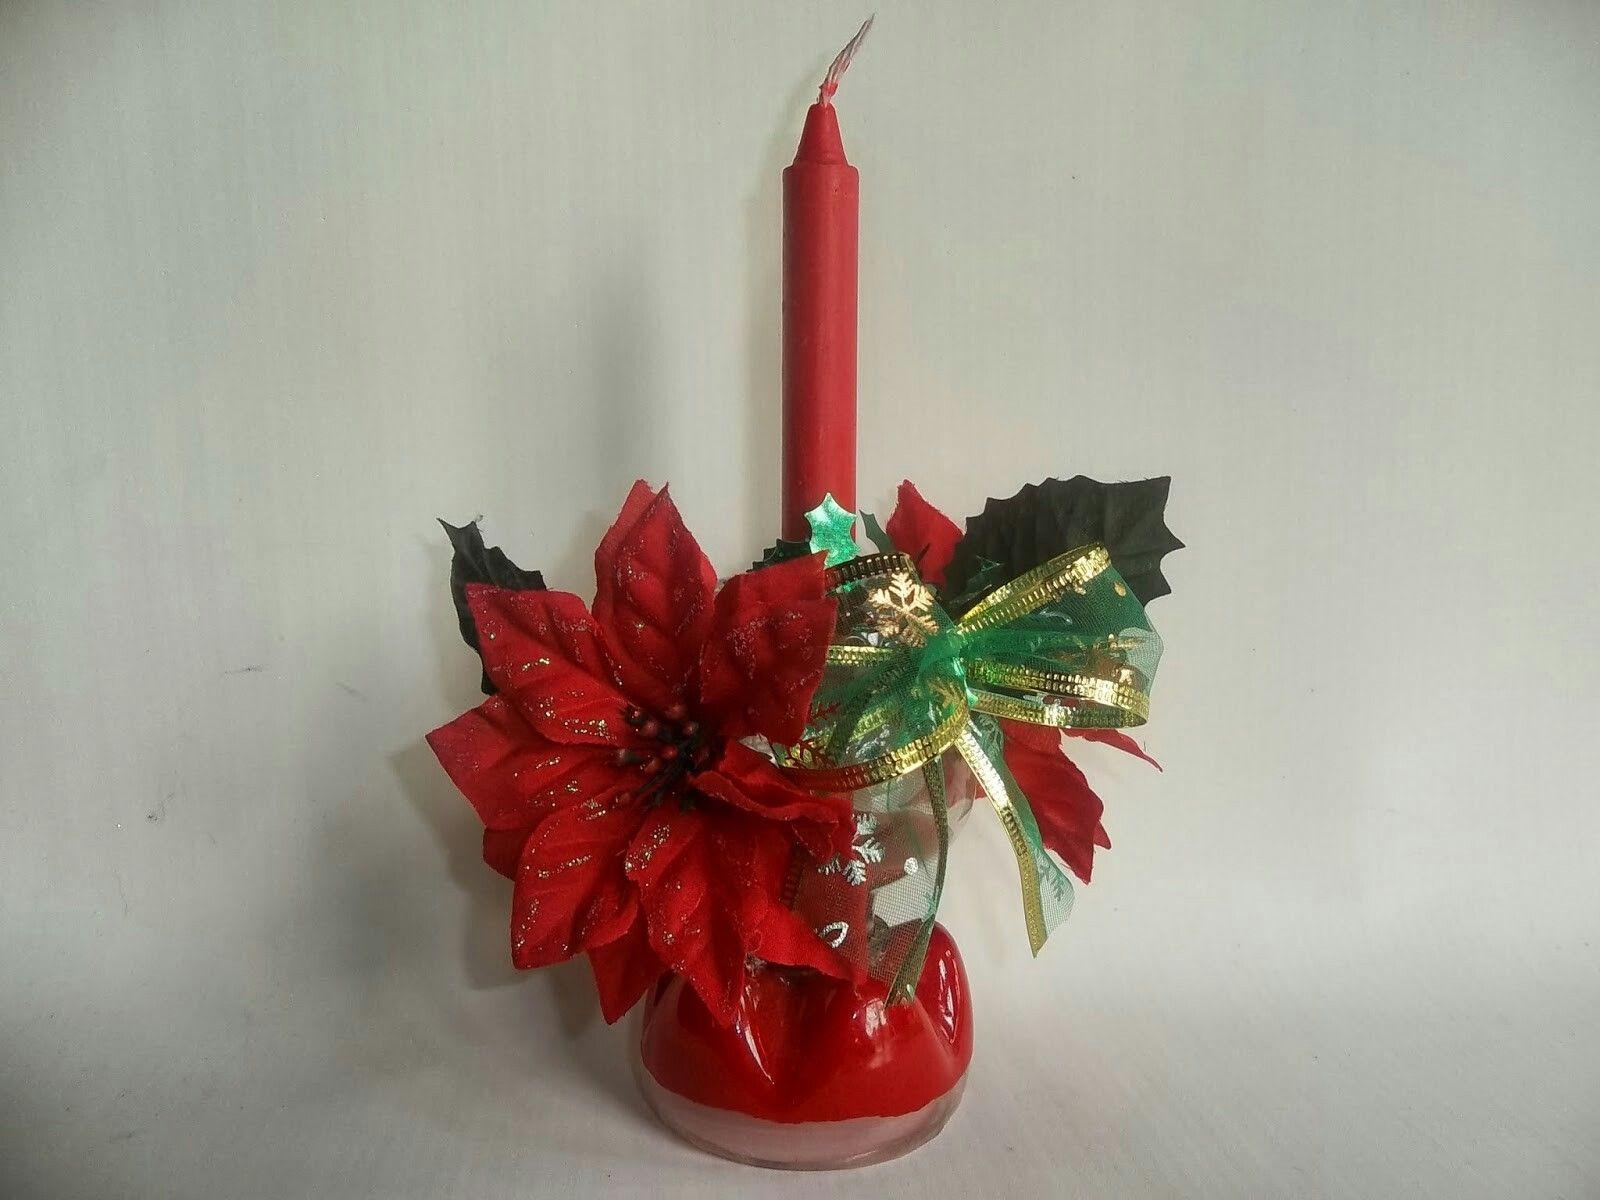 Arreglos de flores de goma eva adornos navide os for Arreglos navidenos para mesa